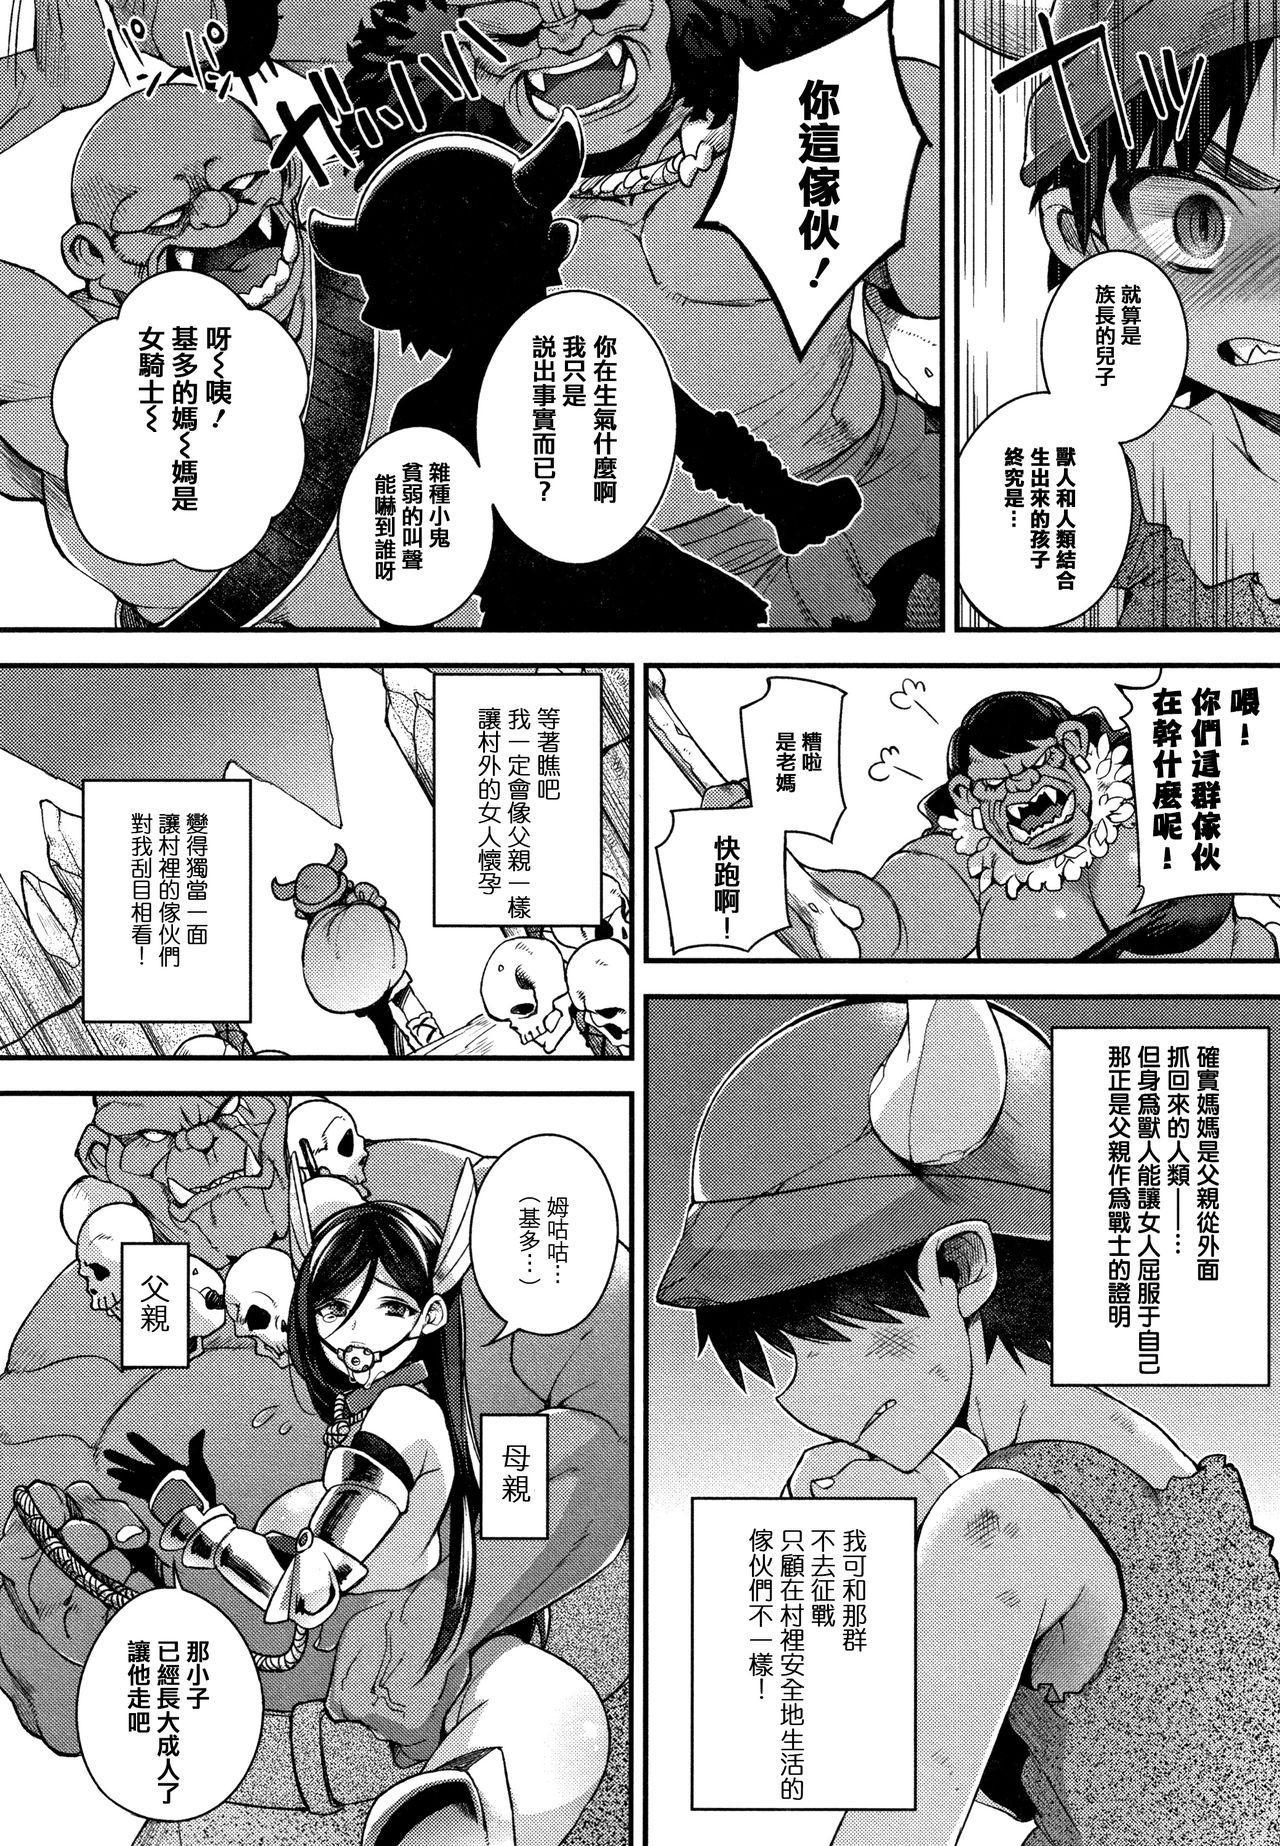 Hitonarazaru Oyomesama 13